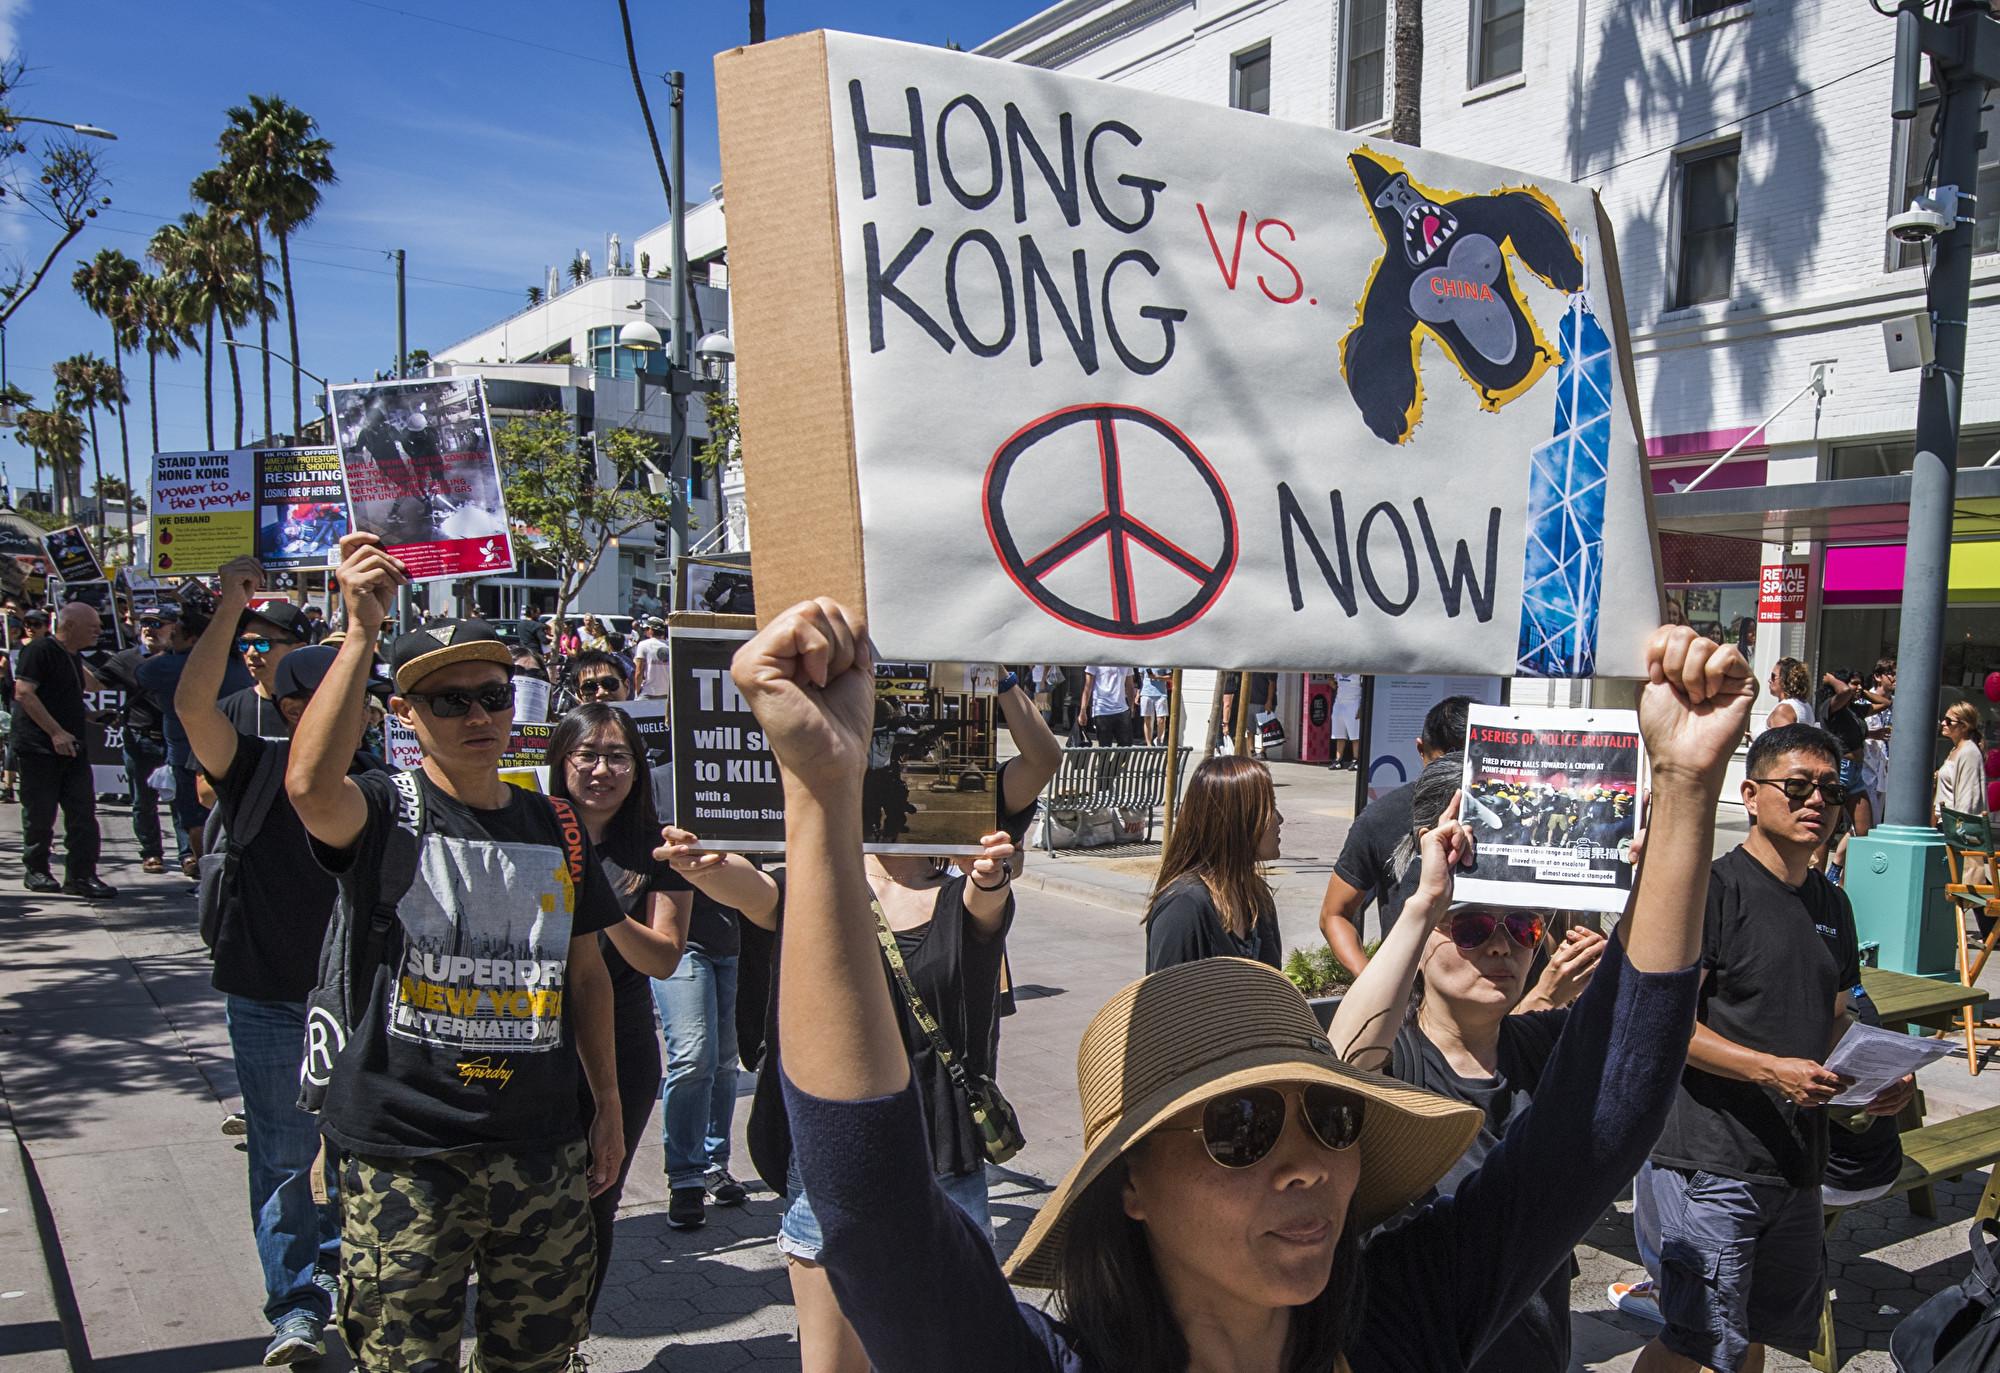 澳門居民試圖集會支援香港反送中 7人被捕